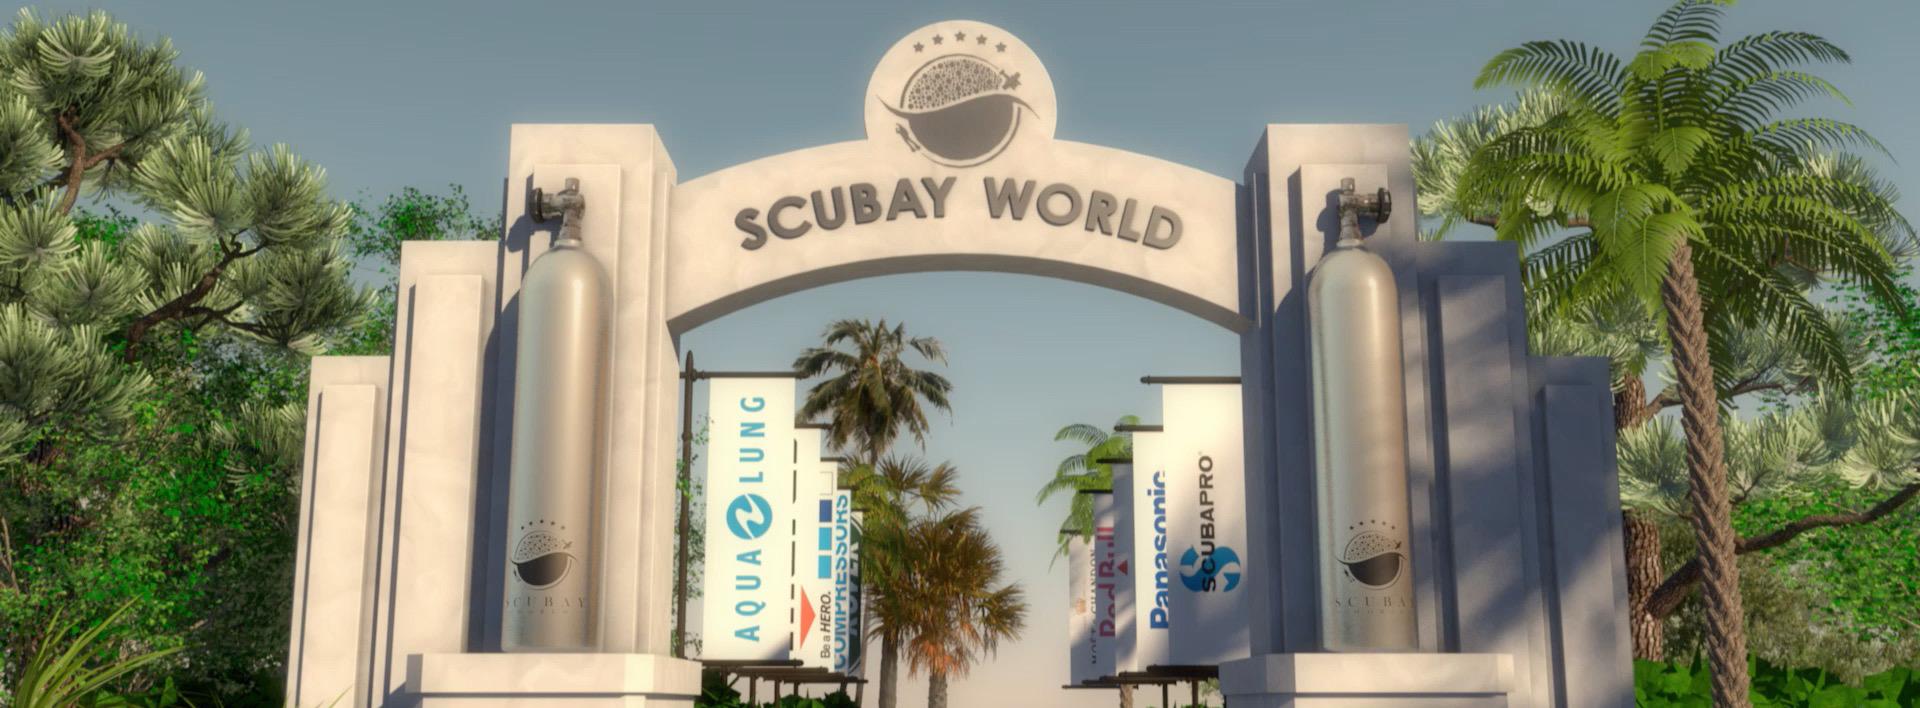 Scubay-head